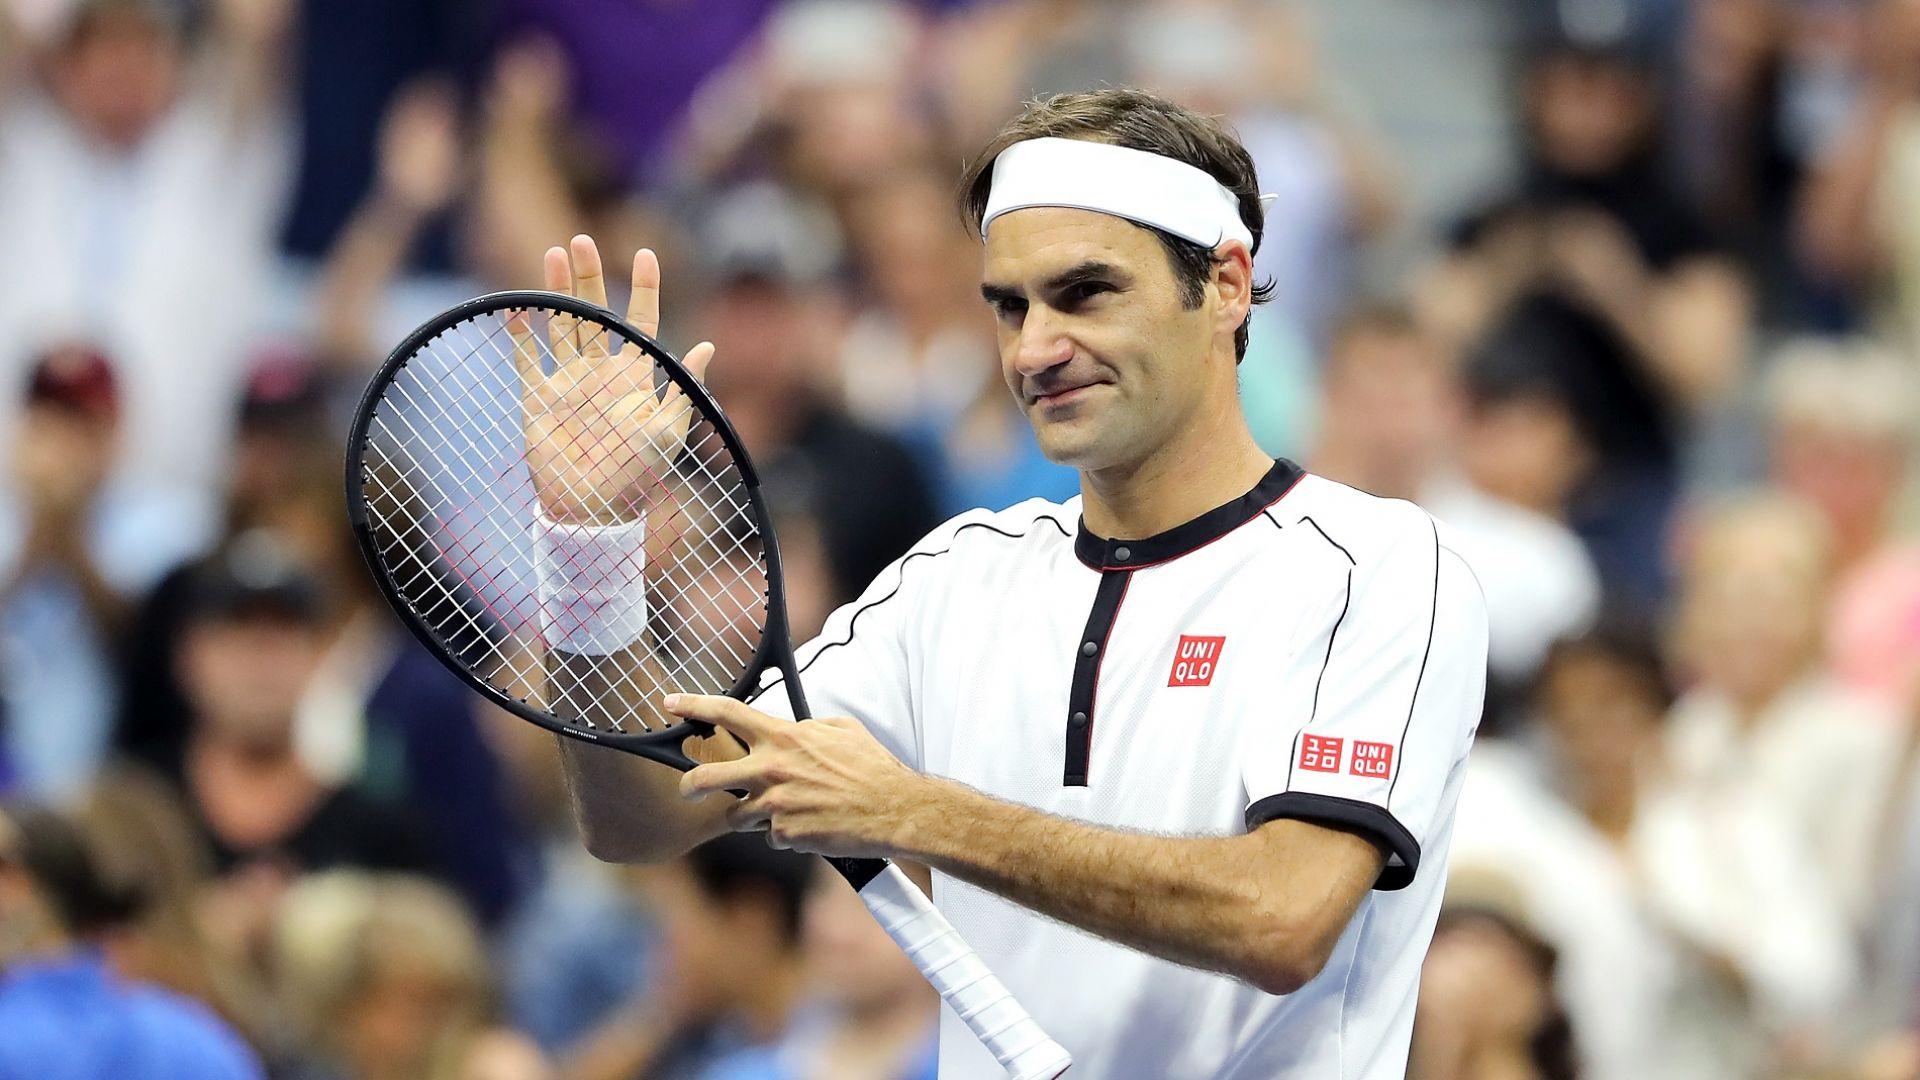 Федерер: Очаква ме мач срещу променен Григор